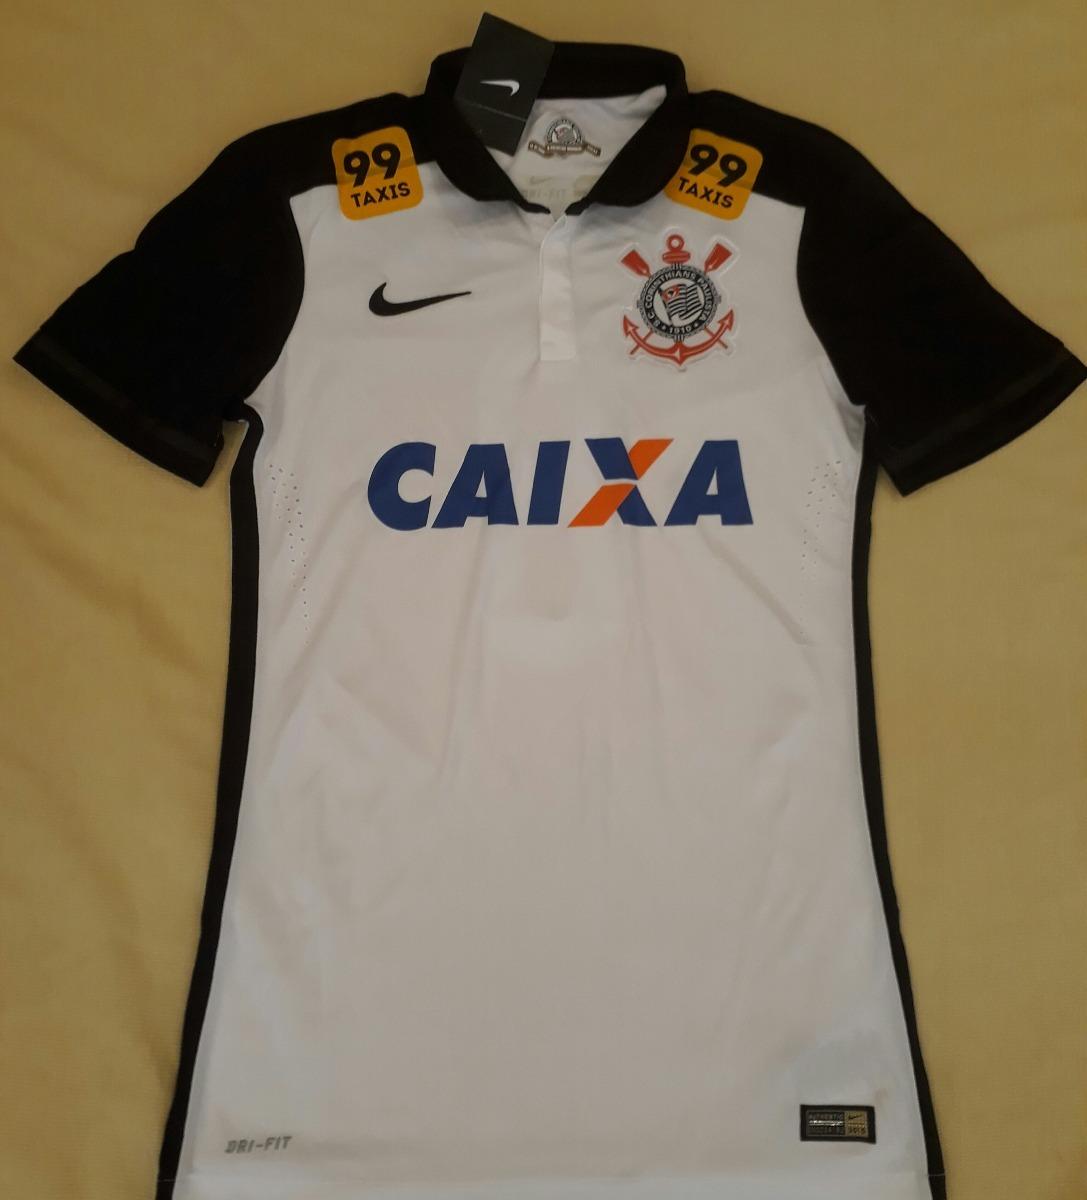 camisa corinthians 2015 r. augusto campeão brasileiro - 8. Carregando zoom. 3c4a5cbe74808